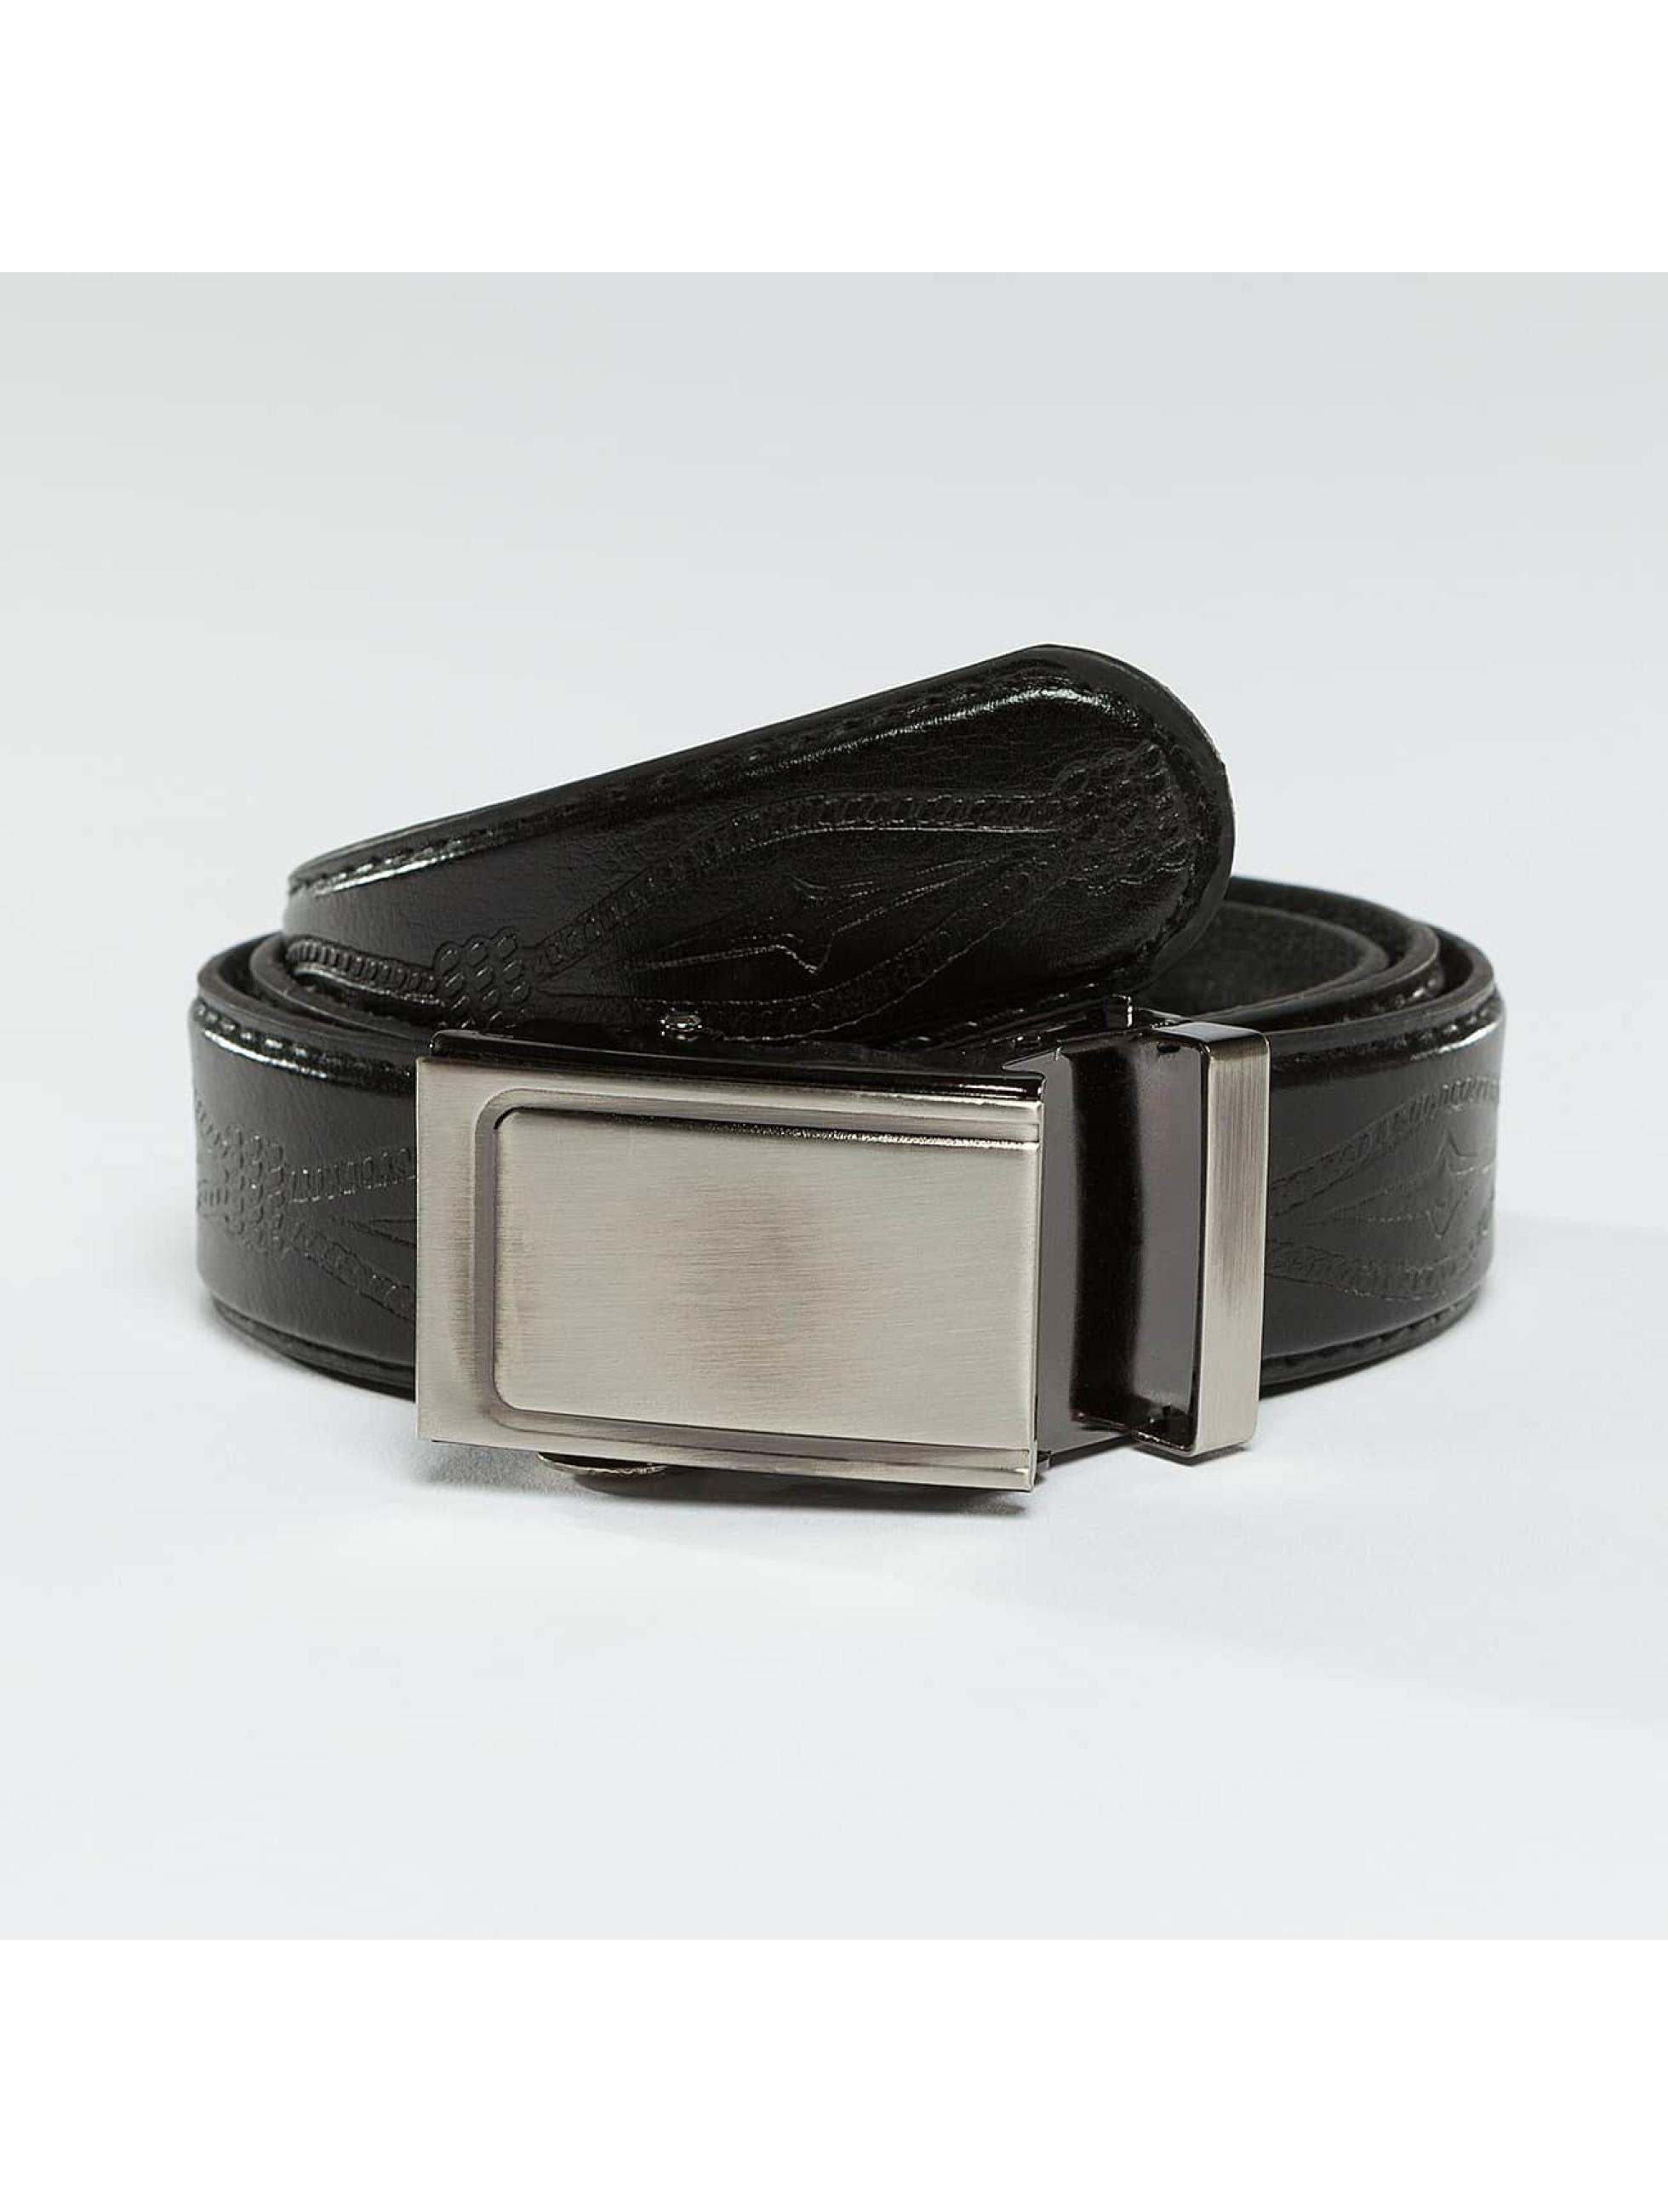 Kaiser Jewelry Männer,Frauen Gürtel Leather Belt in schwarz